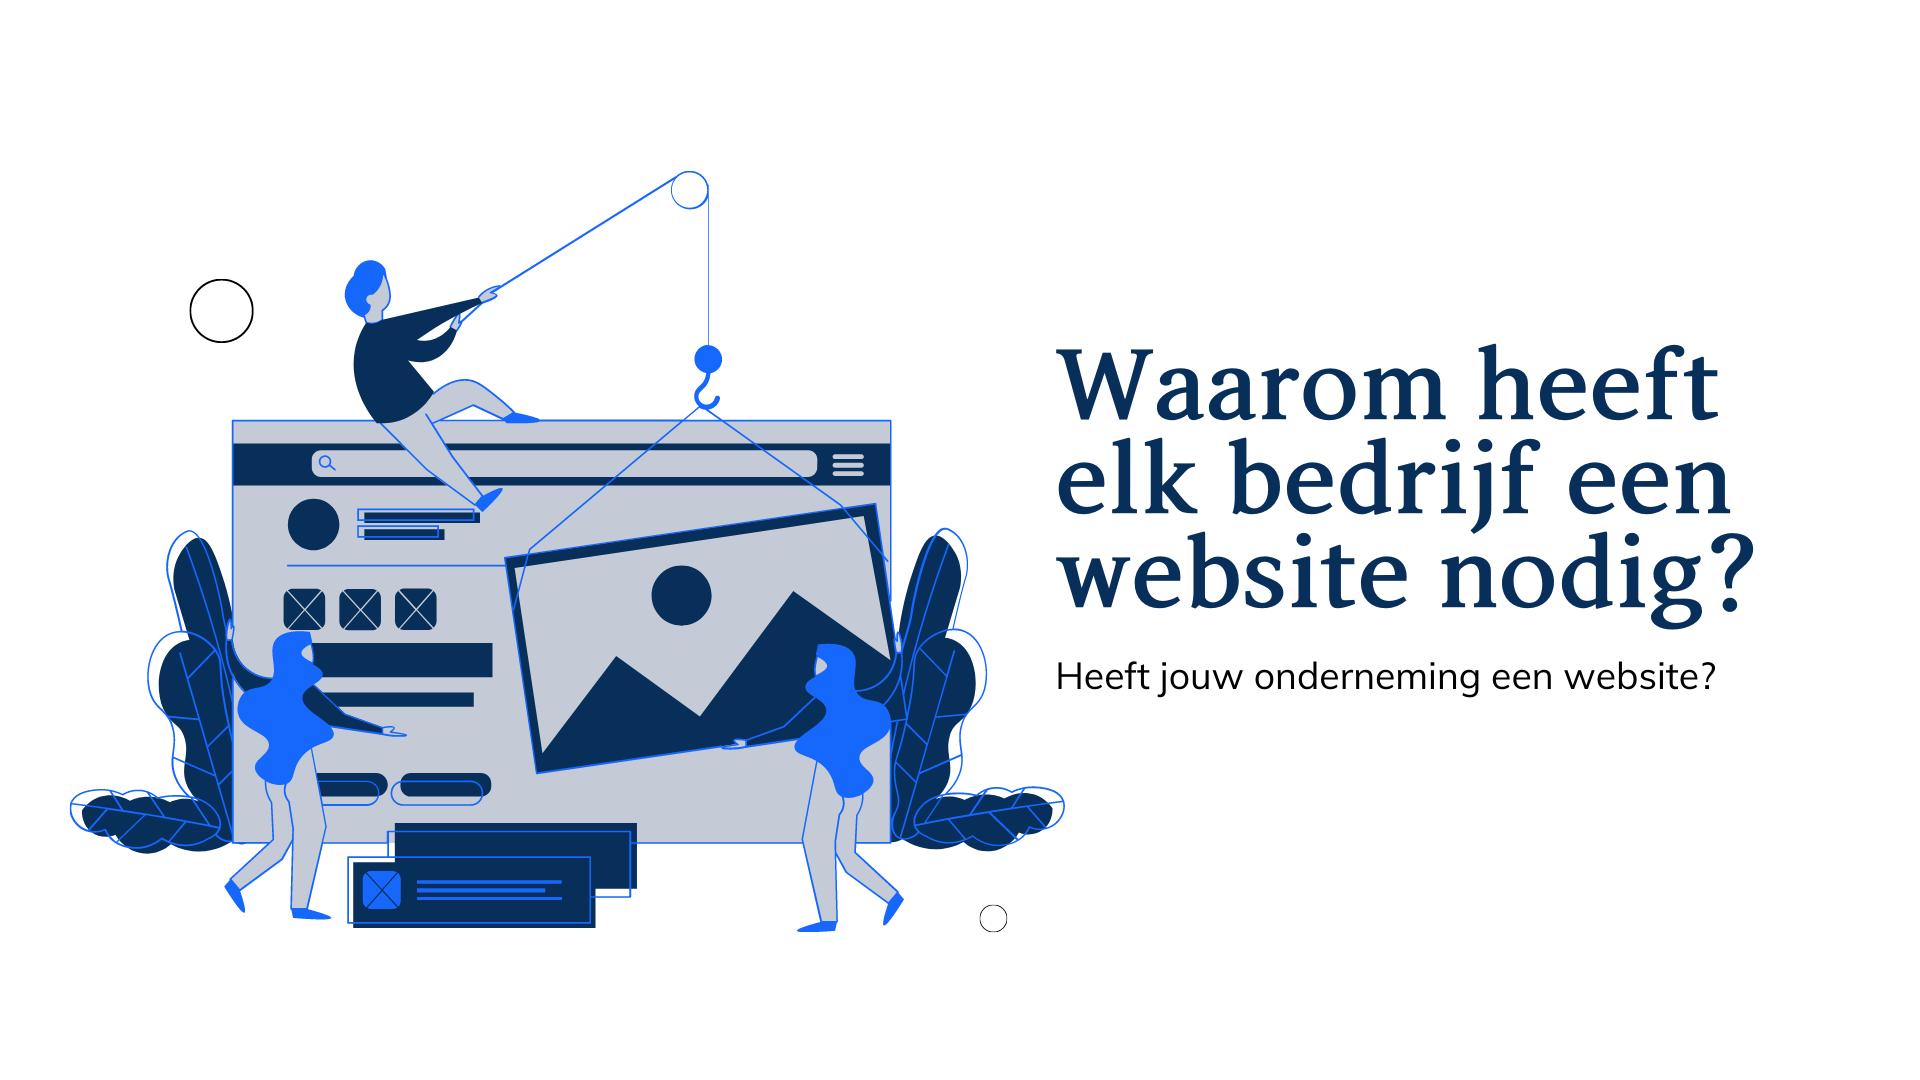 Heeft jouw onderneming een website